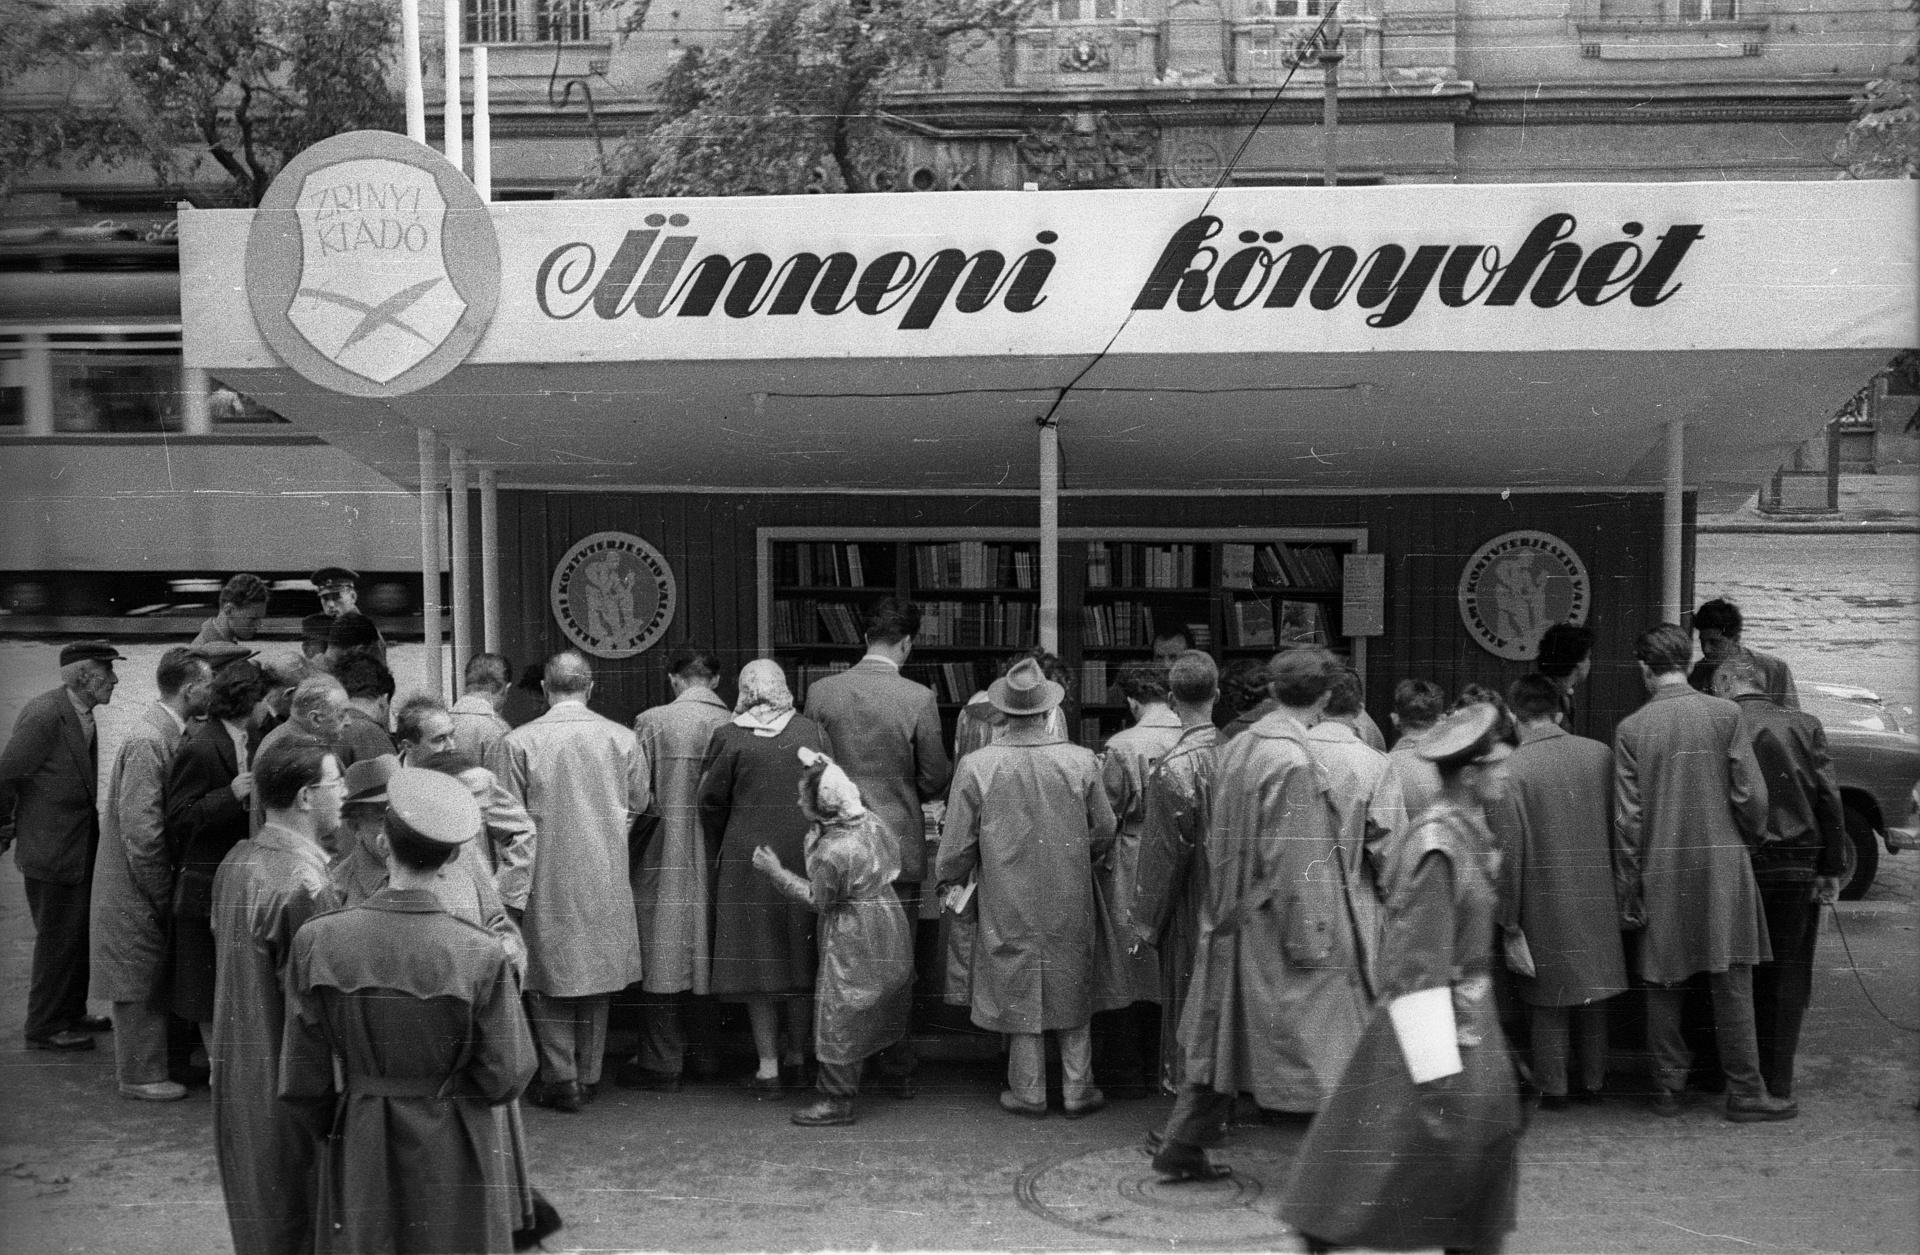 88 éve tolongunk rajta - Ma nyílik az Ünnepi Könyvhét